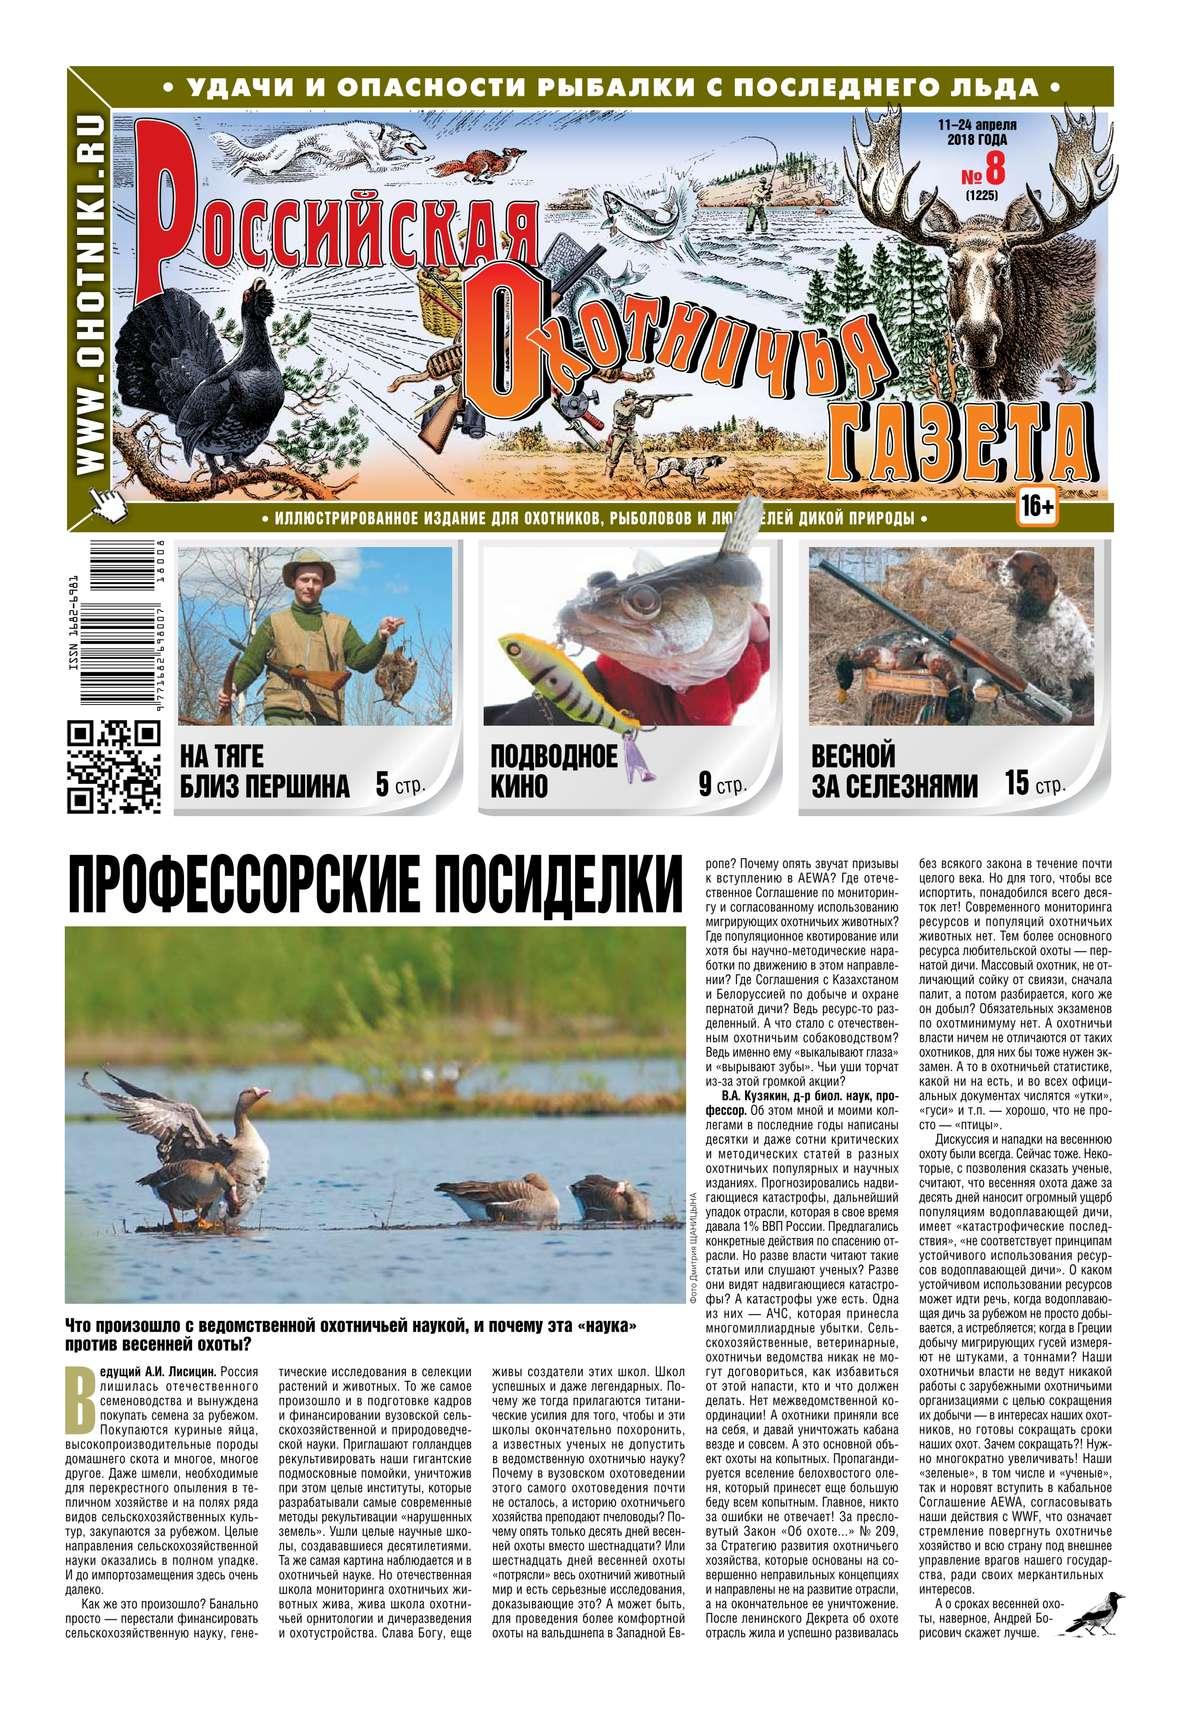 Редакция газеты Российская Охотничья Газета Российская Охотничья Газета 08-2018